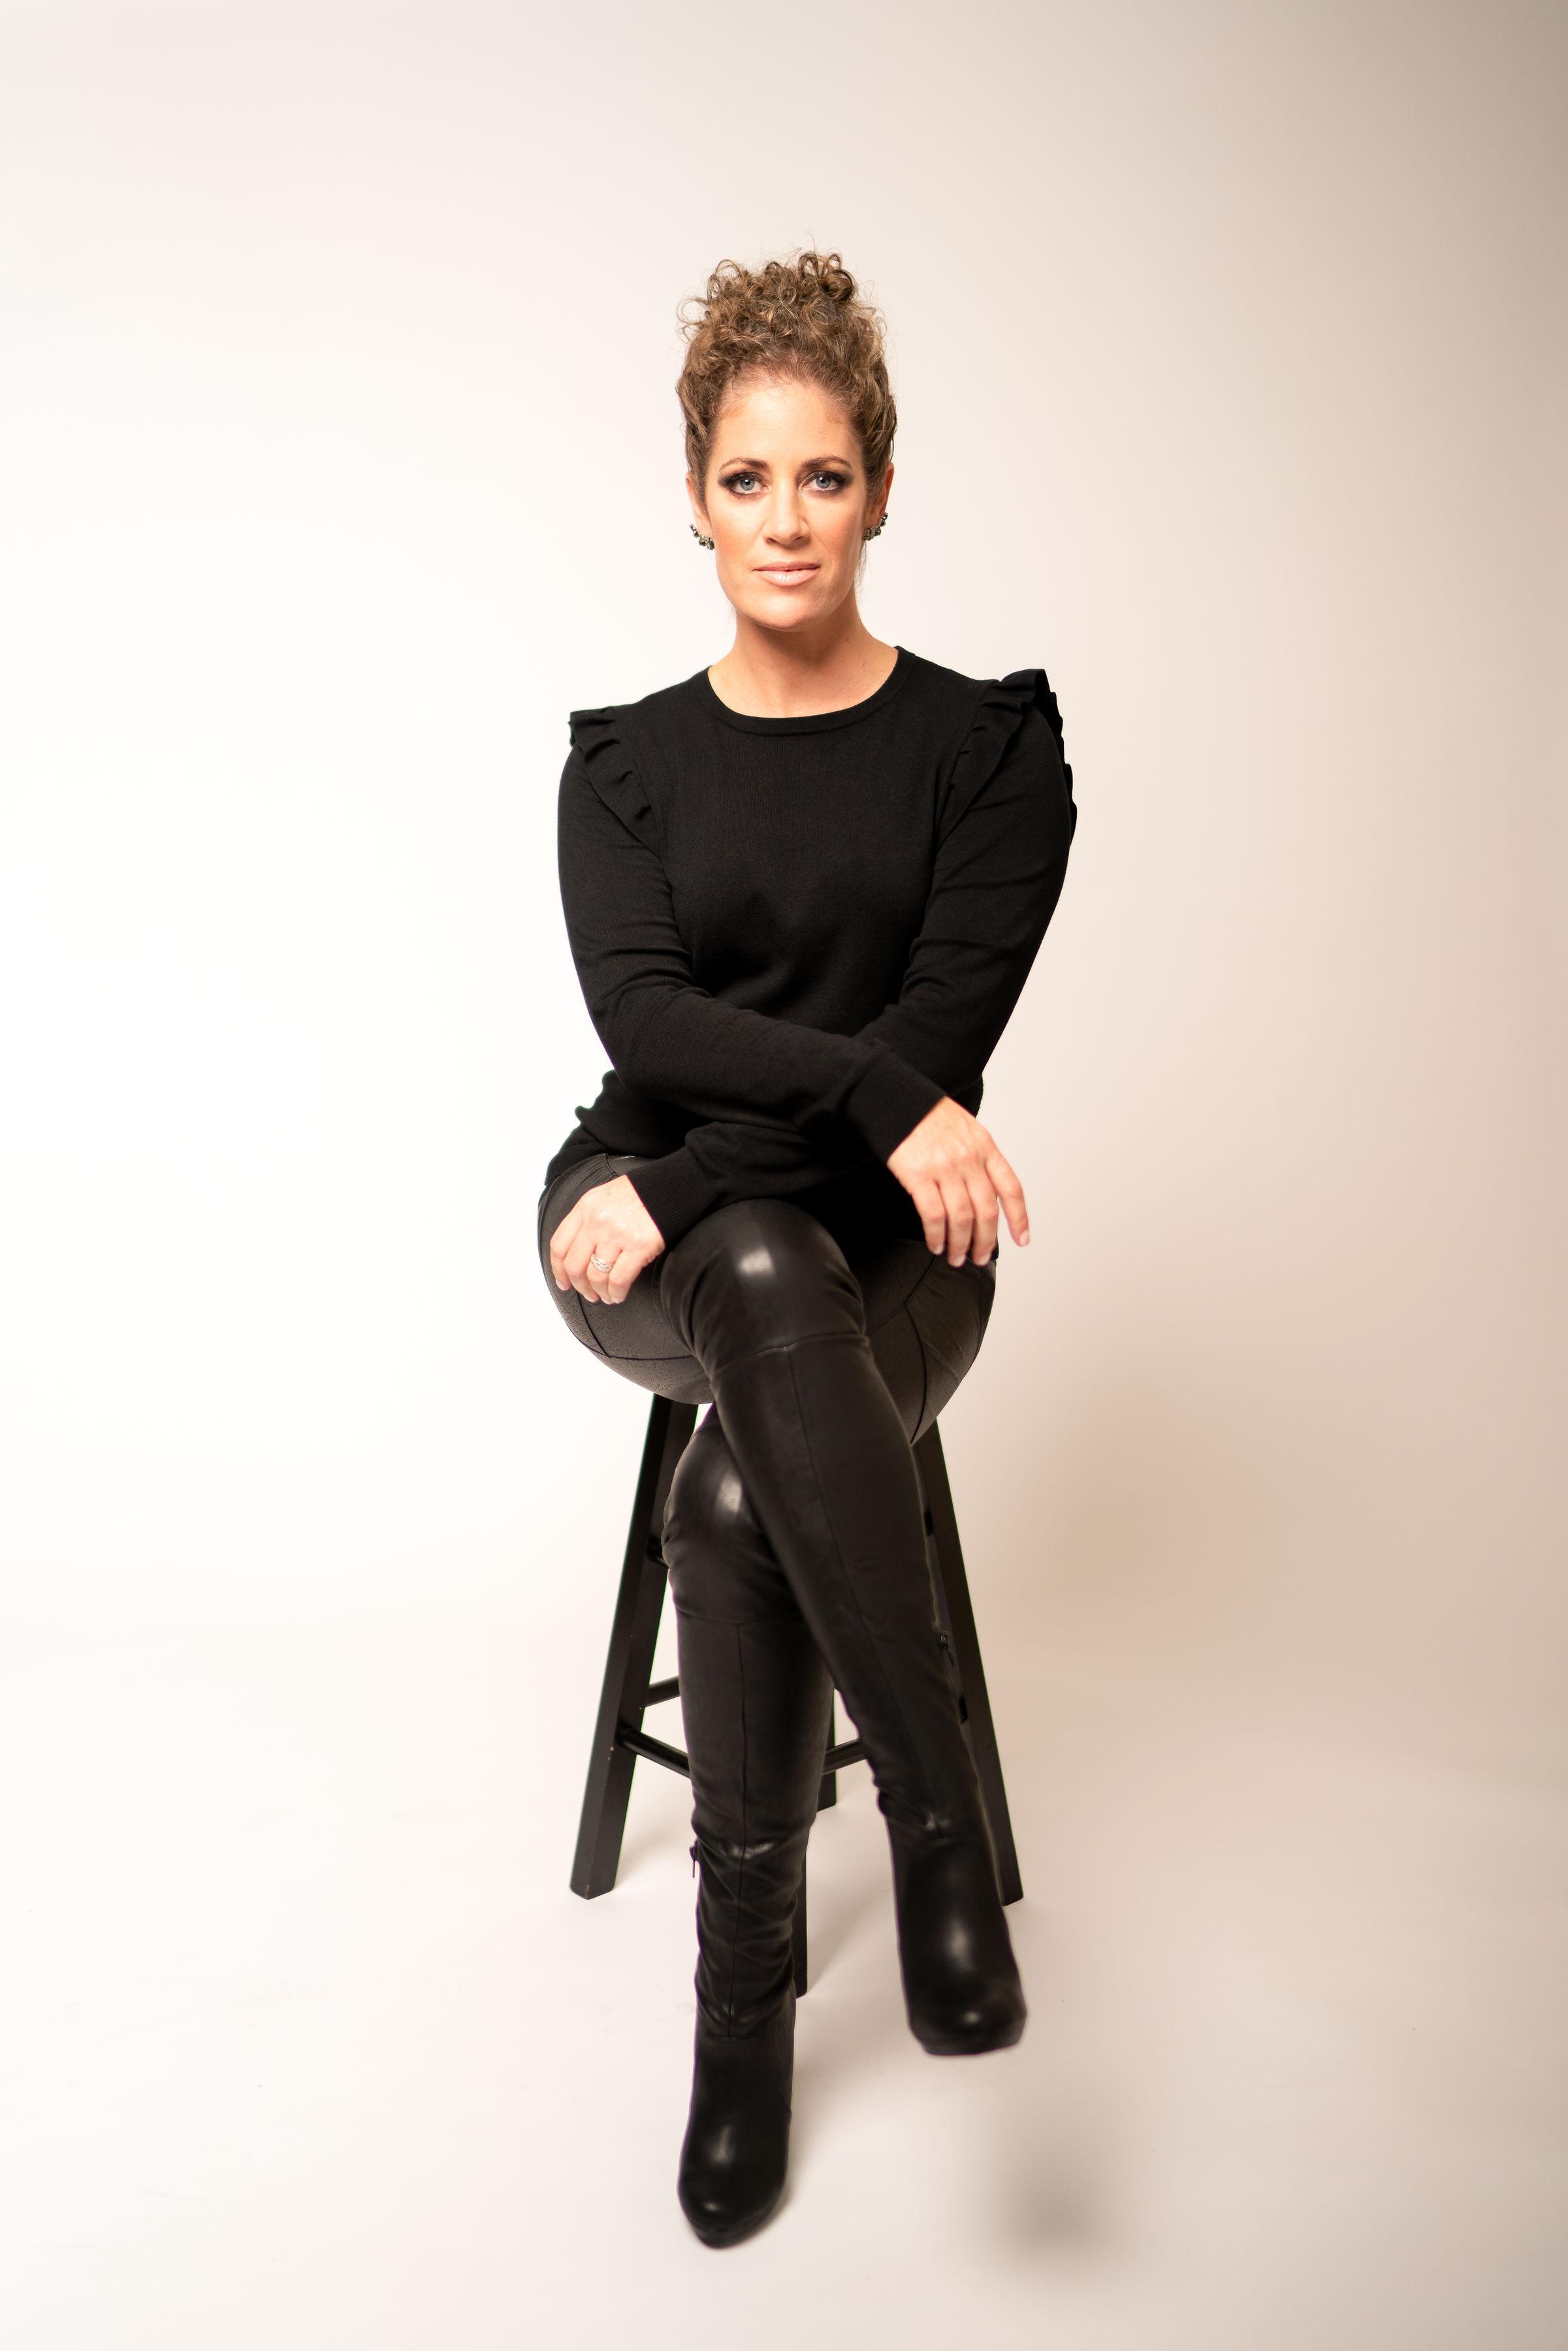 Drea Gunness-Groeschel - Founder and CEO, Beautiac